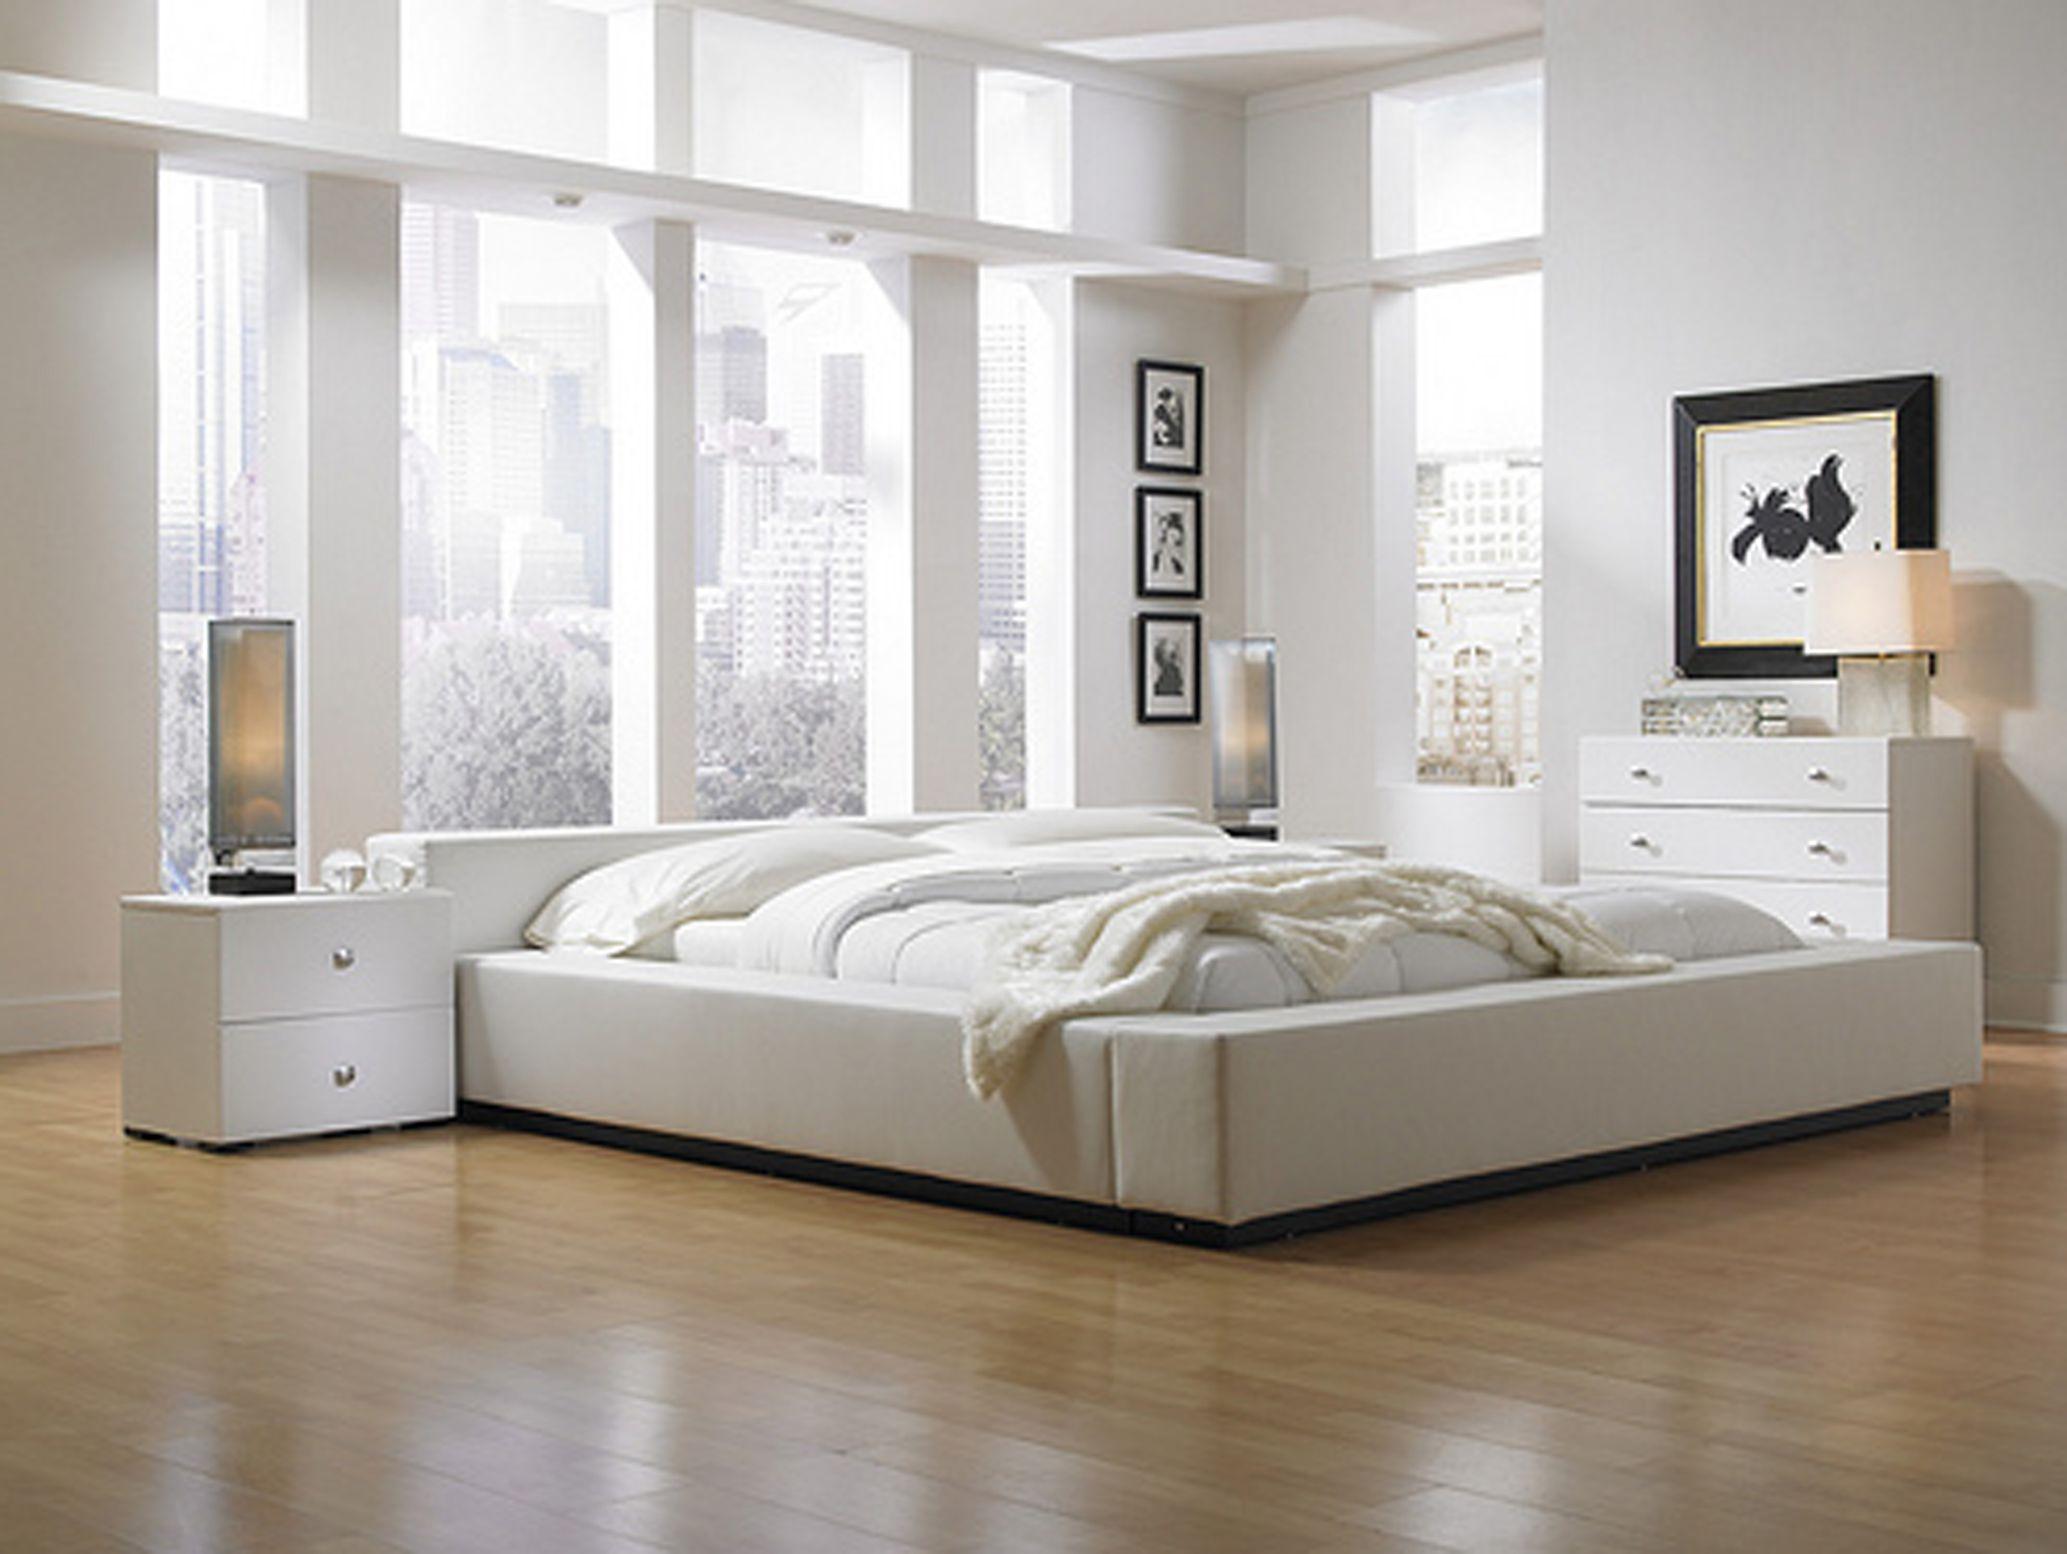 Full Size of Ausziehbares Bett Moderne Betten Design 220 X 200x200 180x200 Stapelbar Dormiente Meise Mit Unterbett Matratze 2m Selber Bauen 140x200 Kinder Weißes Frankfurt Bett Ausziehbares Bett